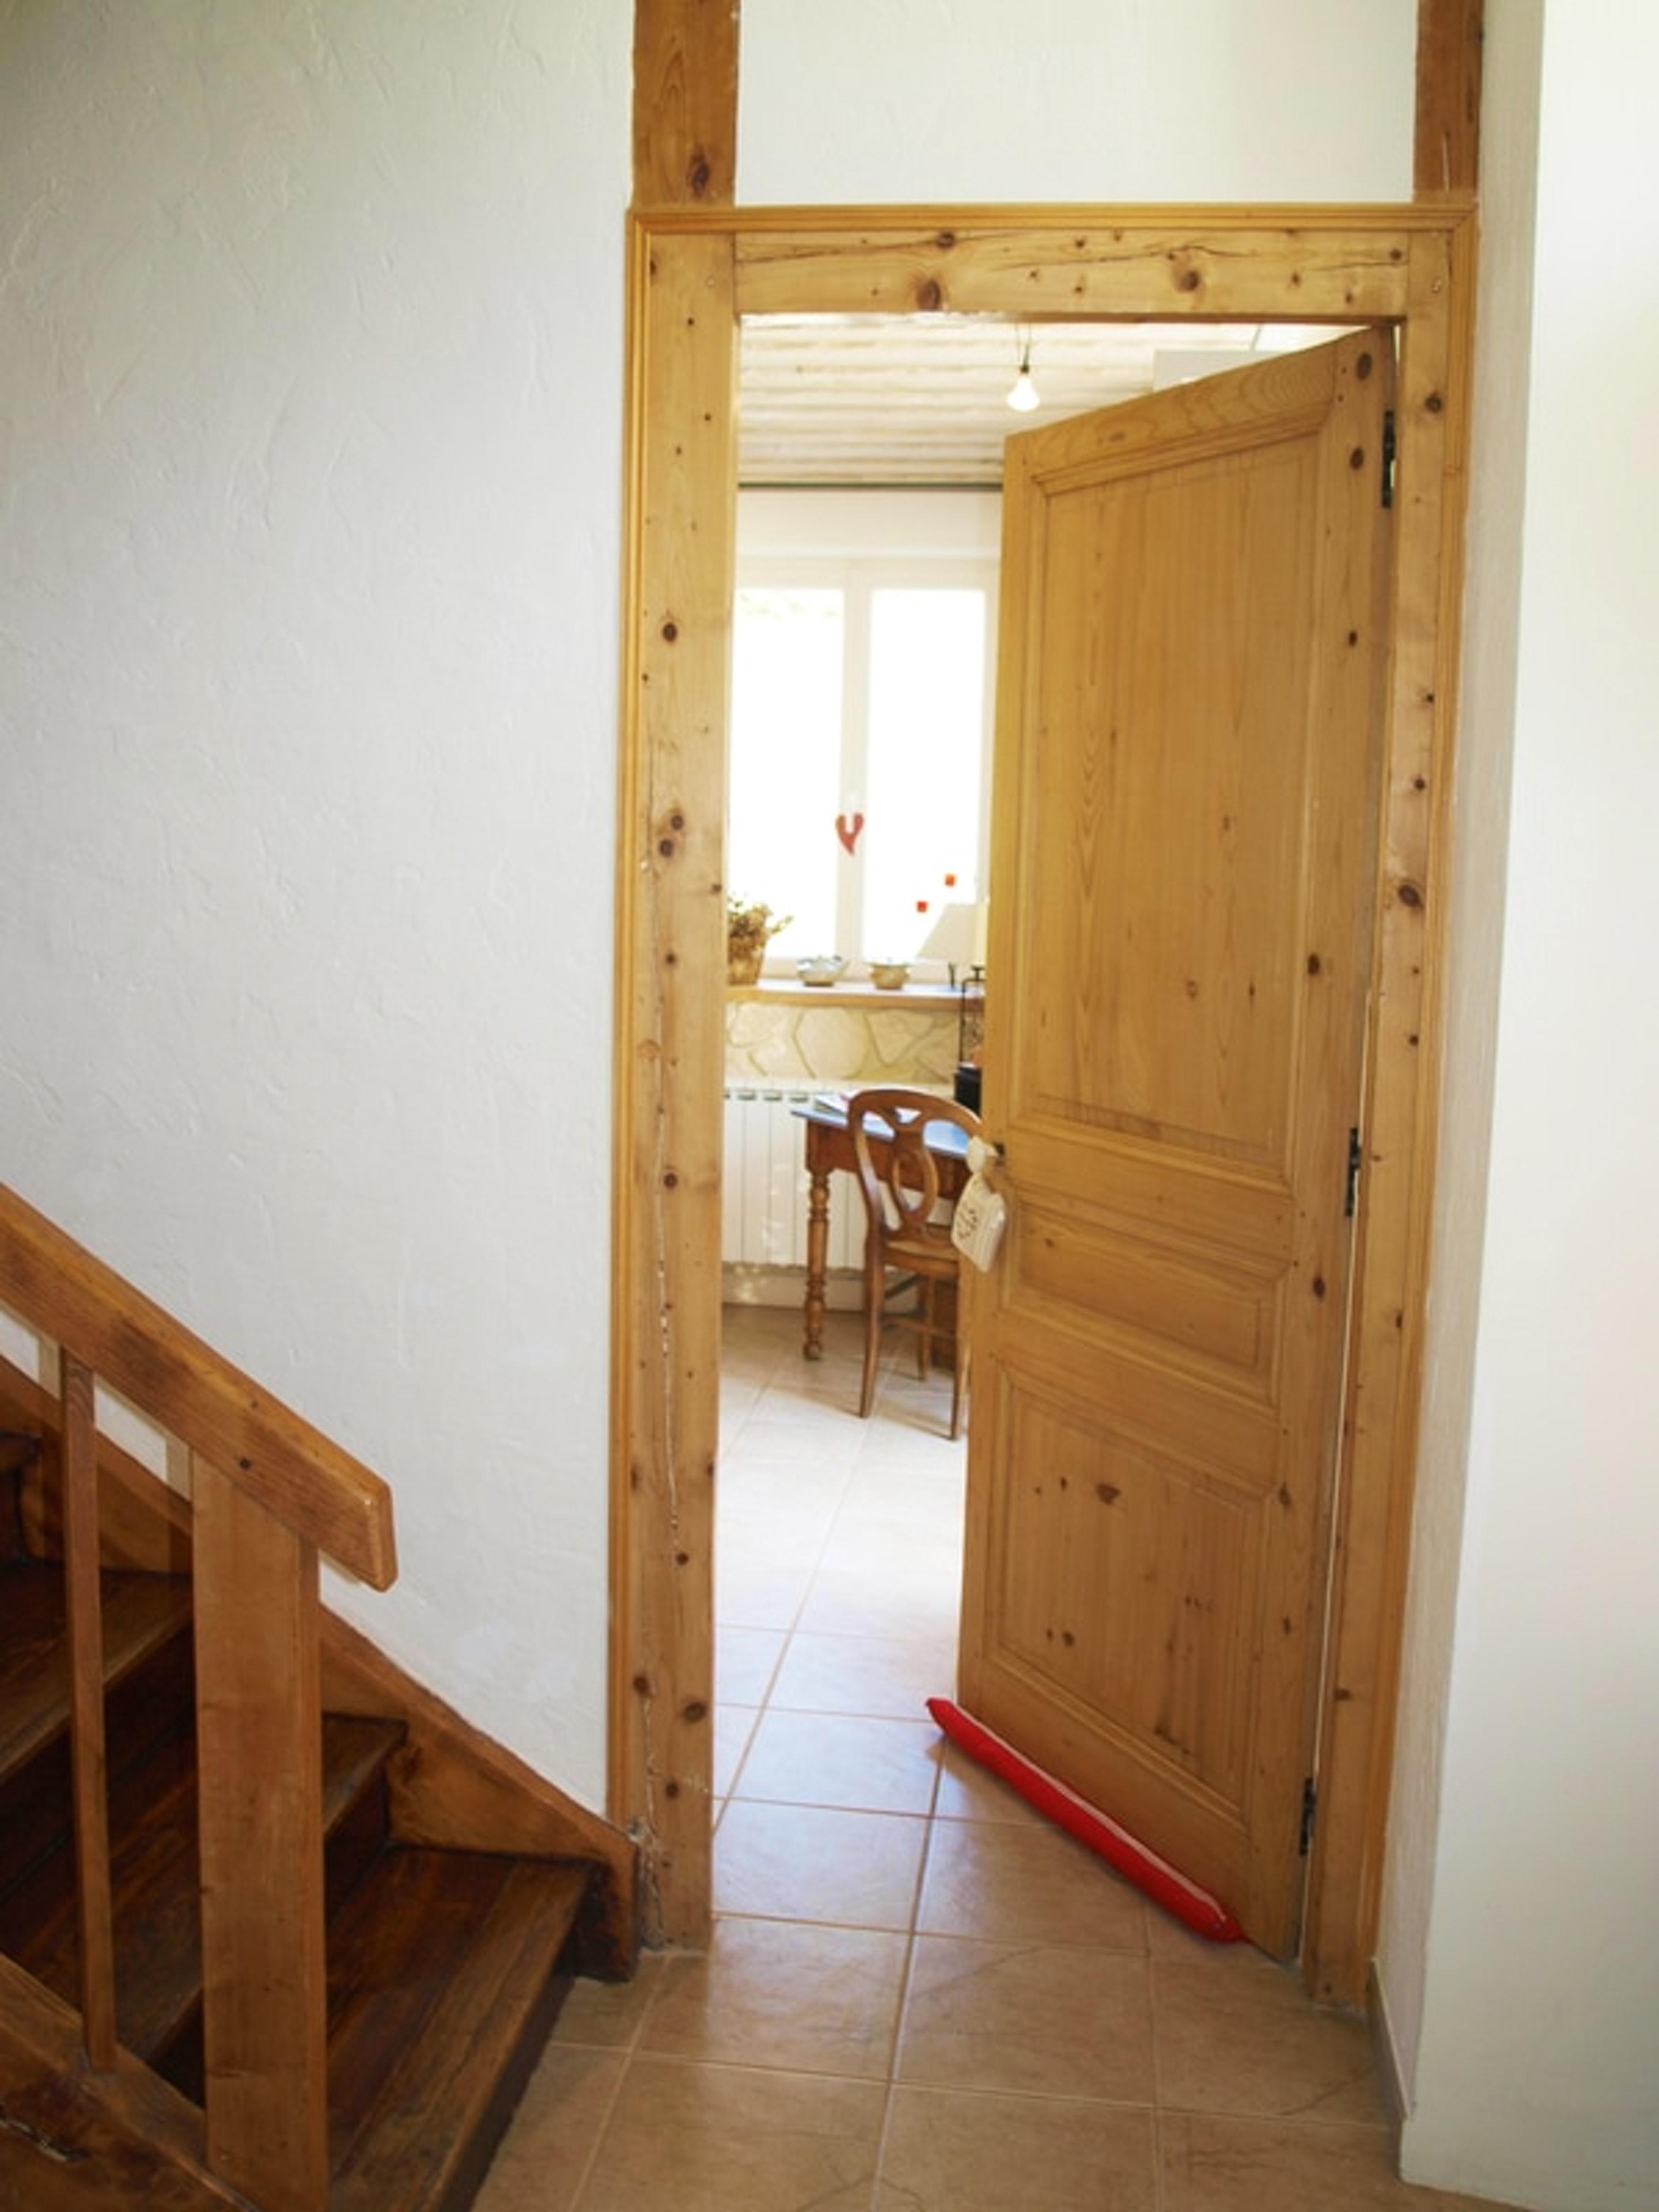 Maison de vacances Haus mit 2 Schlafzimmern in Villard-Saint-Sauveur mit toller Aussicht auf die Berge und ei (2704040), Villard sur Bienne, Jura, Franche-Comté, France, image 10